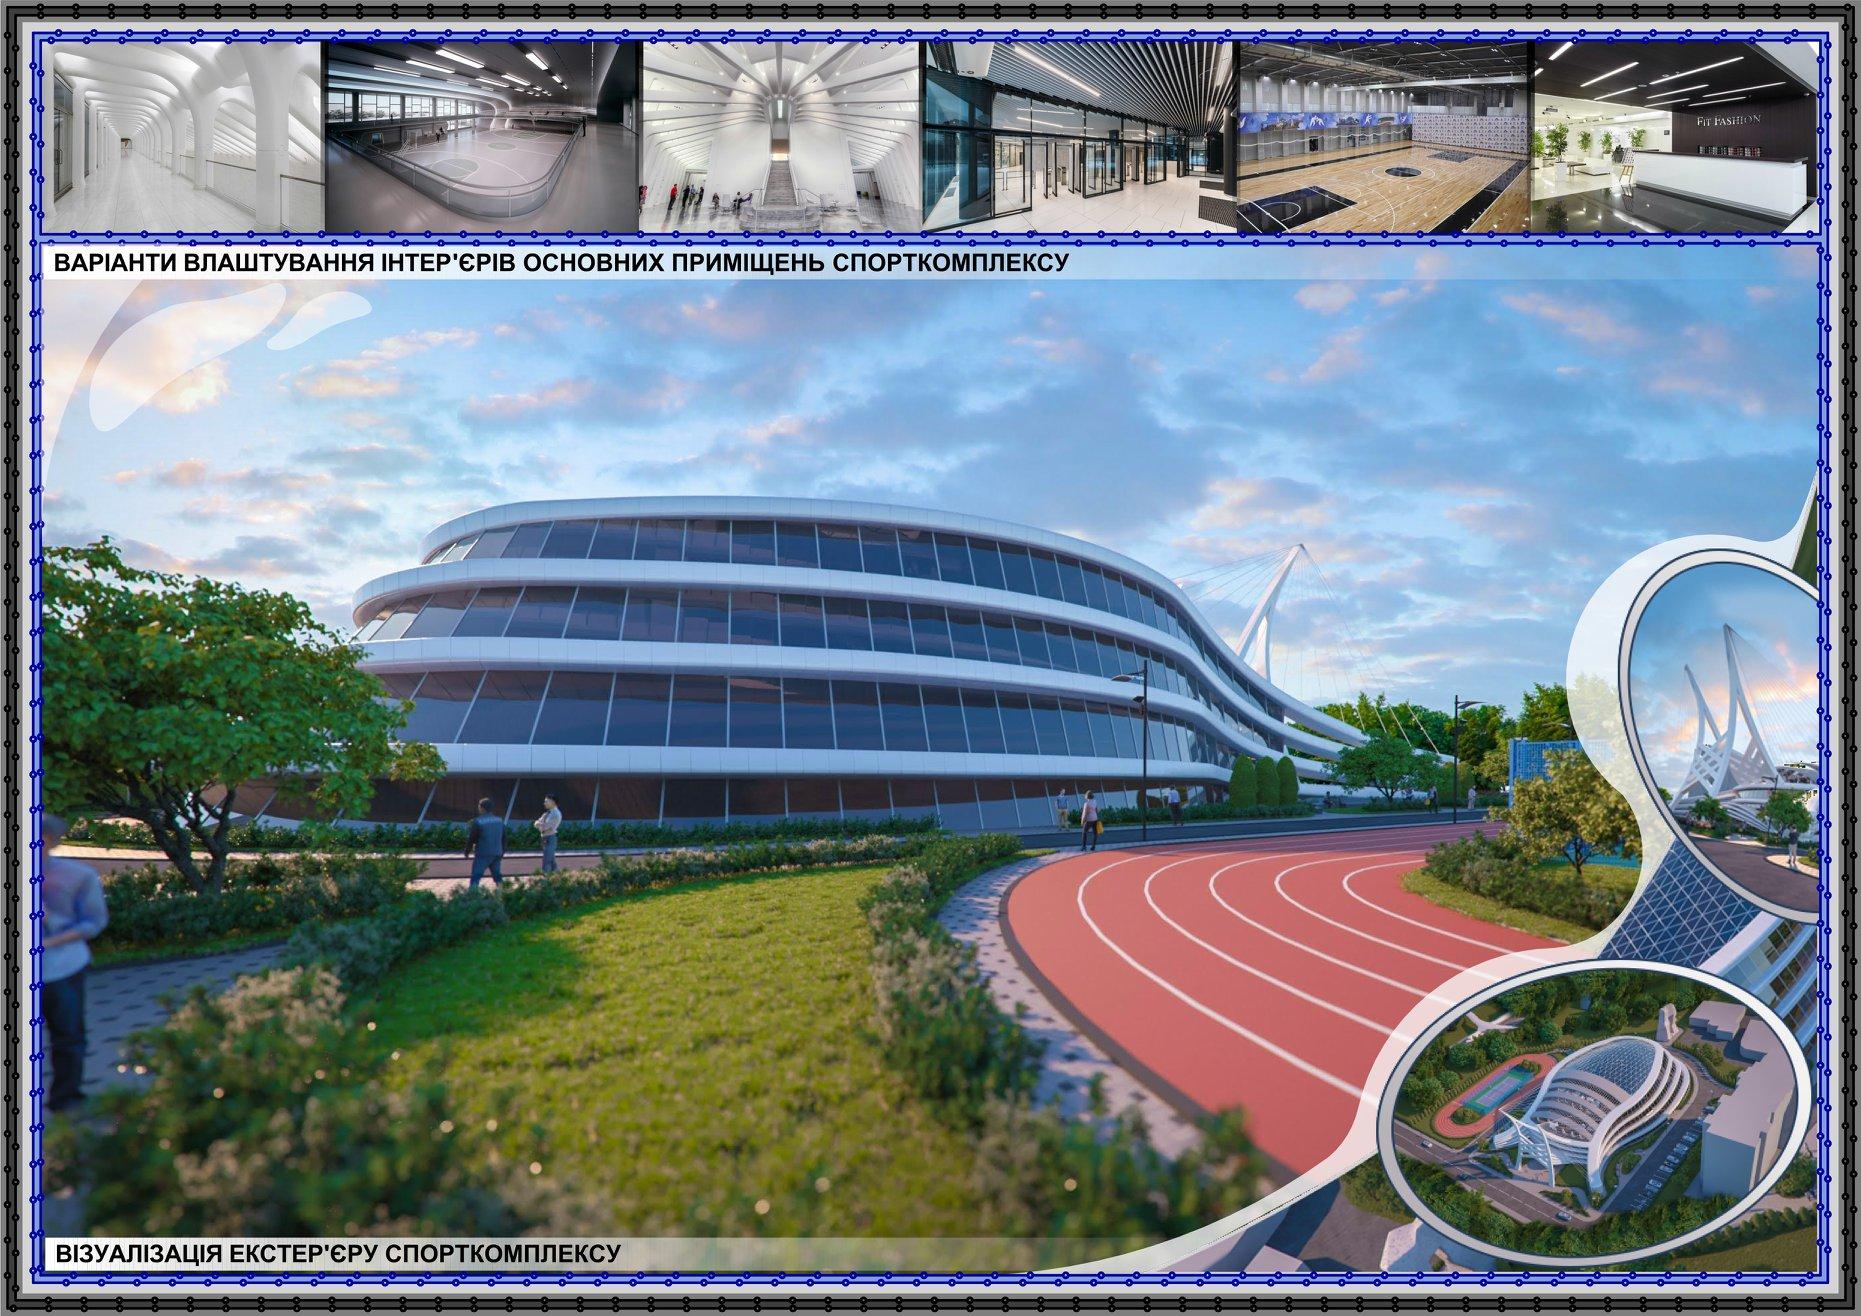 проекты грандиозного спорткомплекса в Житомир